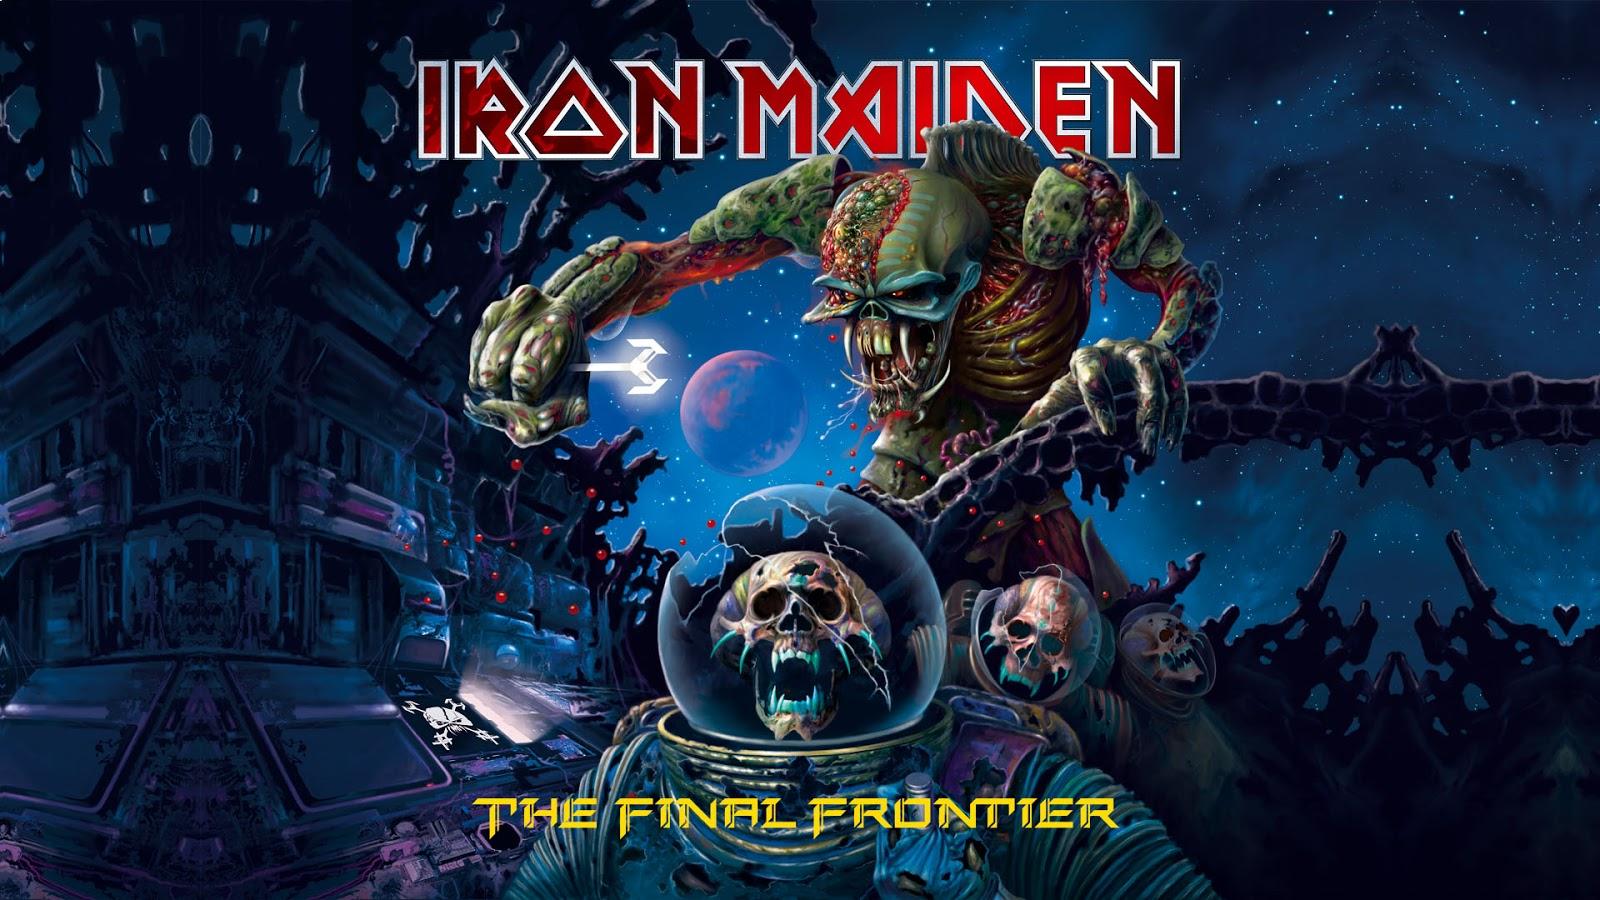 http://1.bp.blogspot.com/-8I1PVau9gyI/UMIZcyeT0QI/AAAAAAAAJ58/zXbV1NxcwW0/s1600/Iron_Maiden_wallpapers_HD+(7).jpg